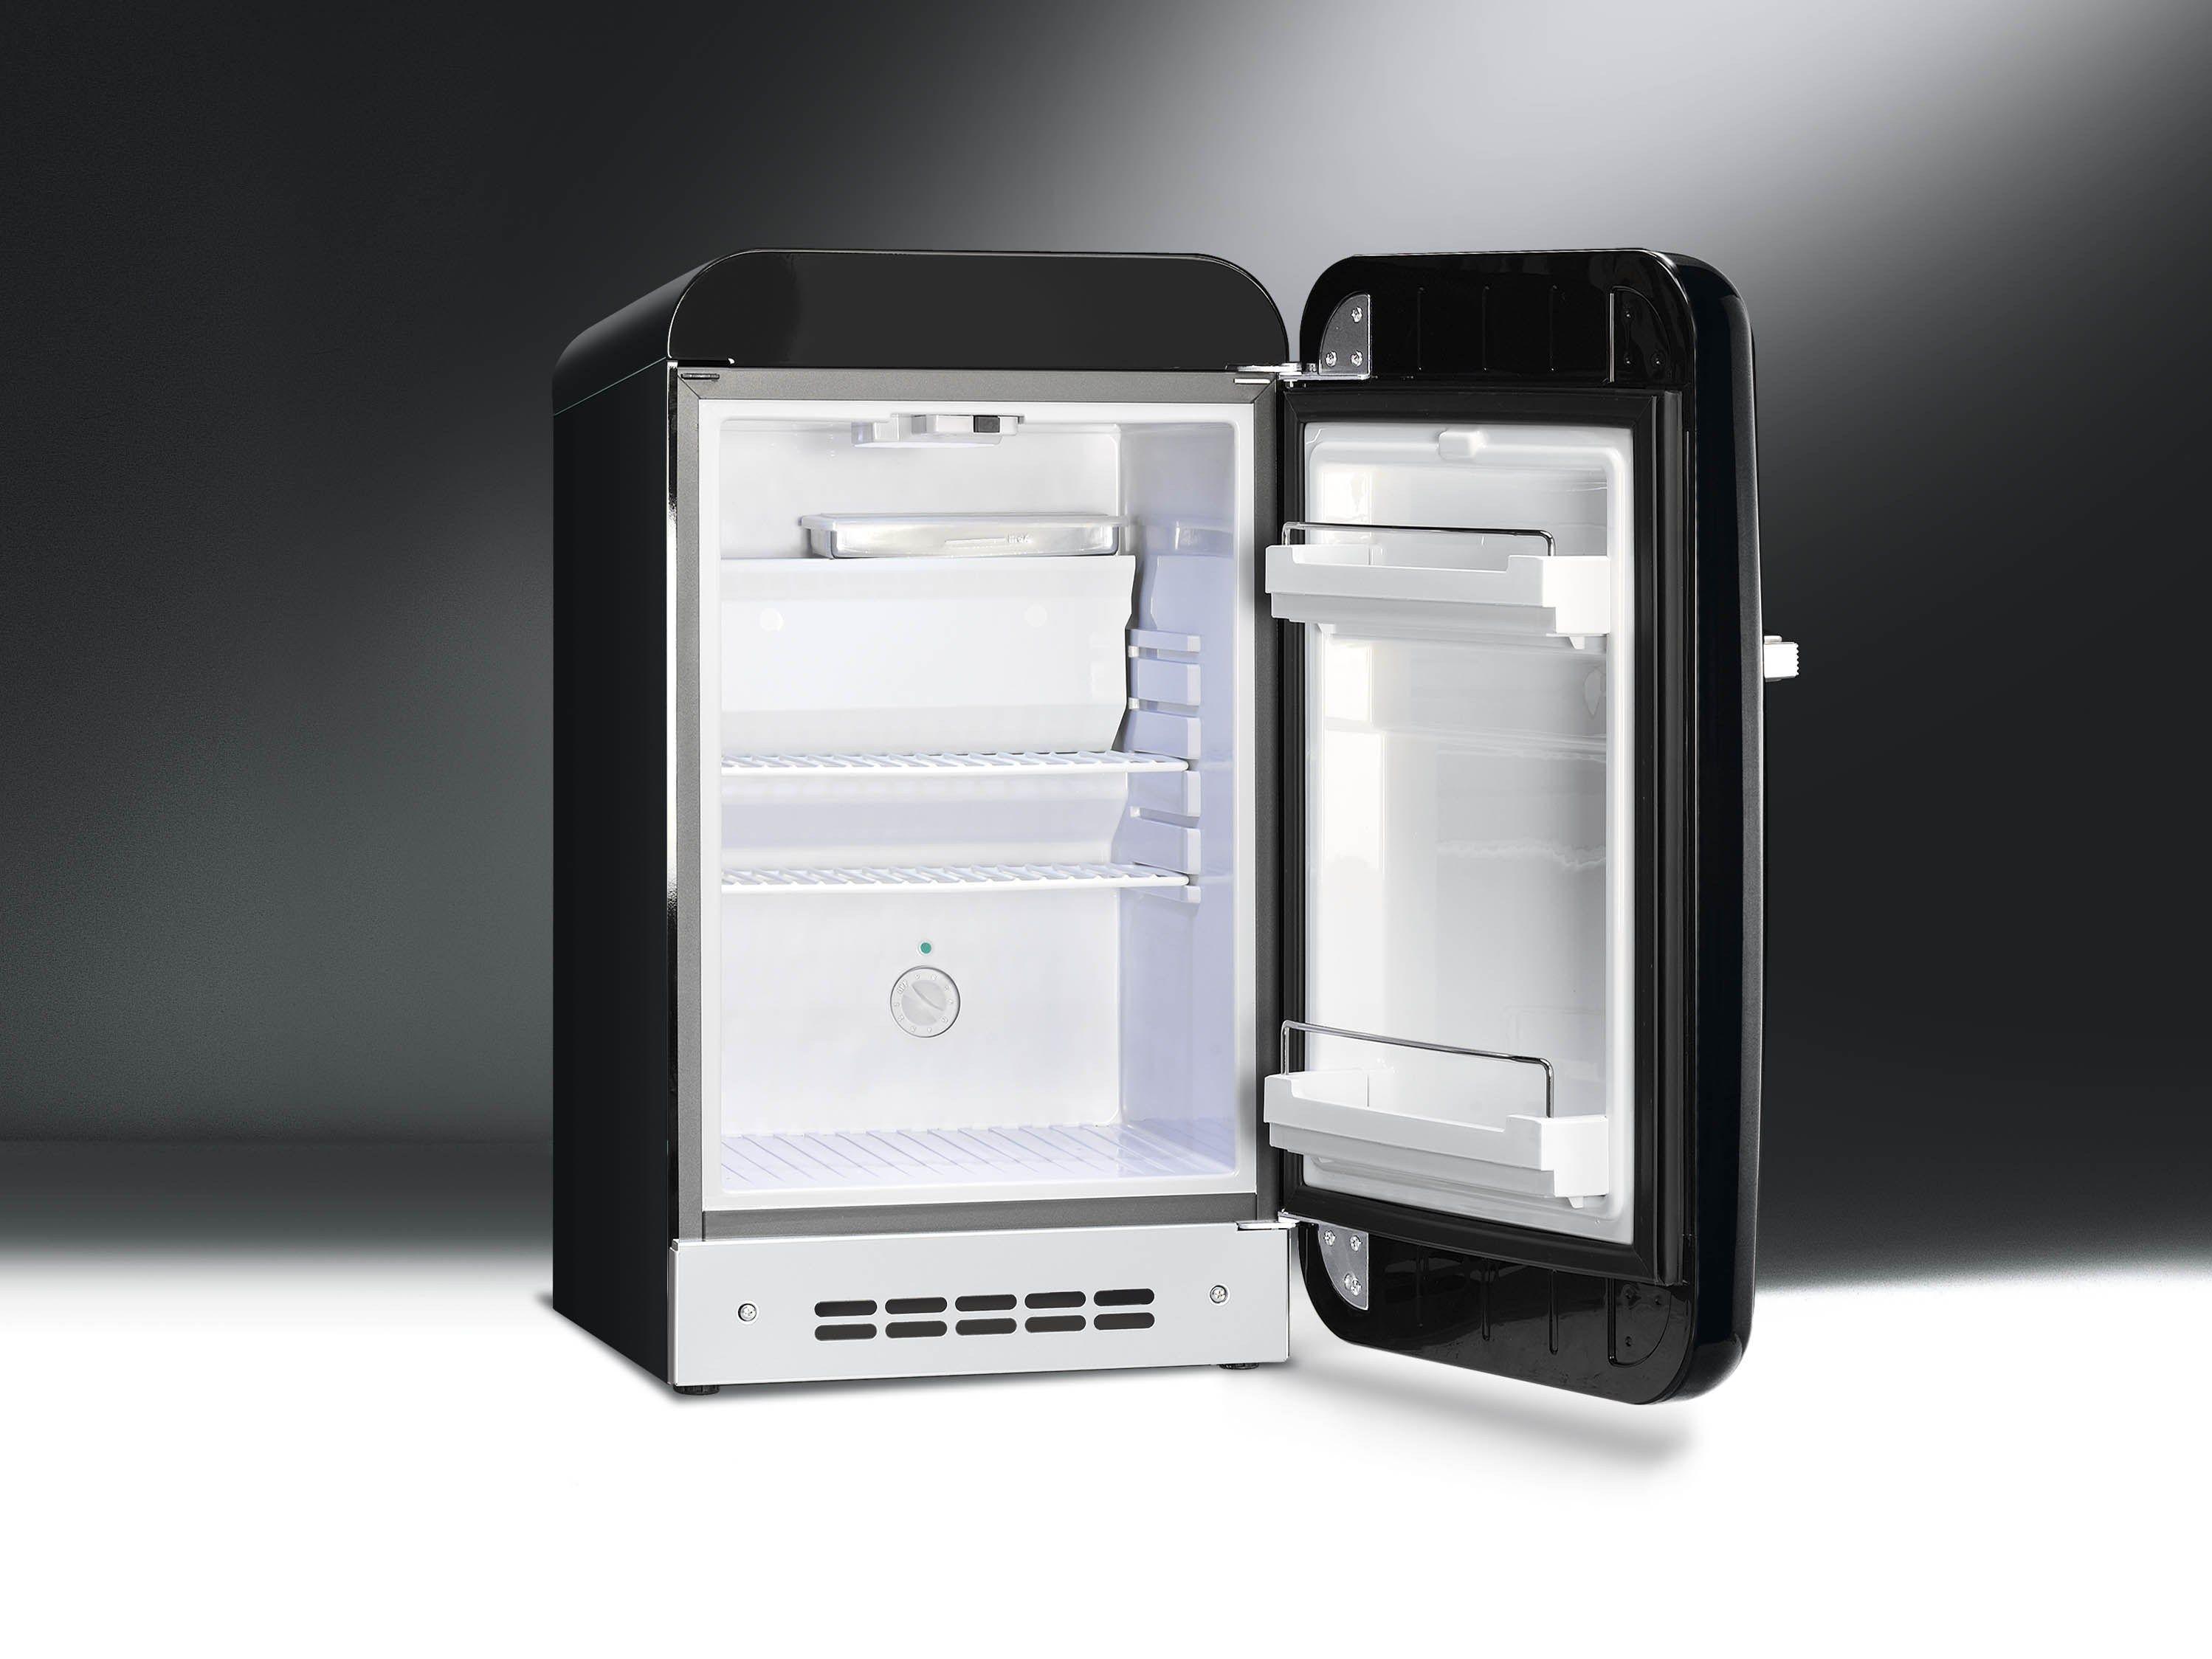 Porsche Design Küchengeräte | Fab5rne Mini Fridge By Smeg Product ...